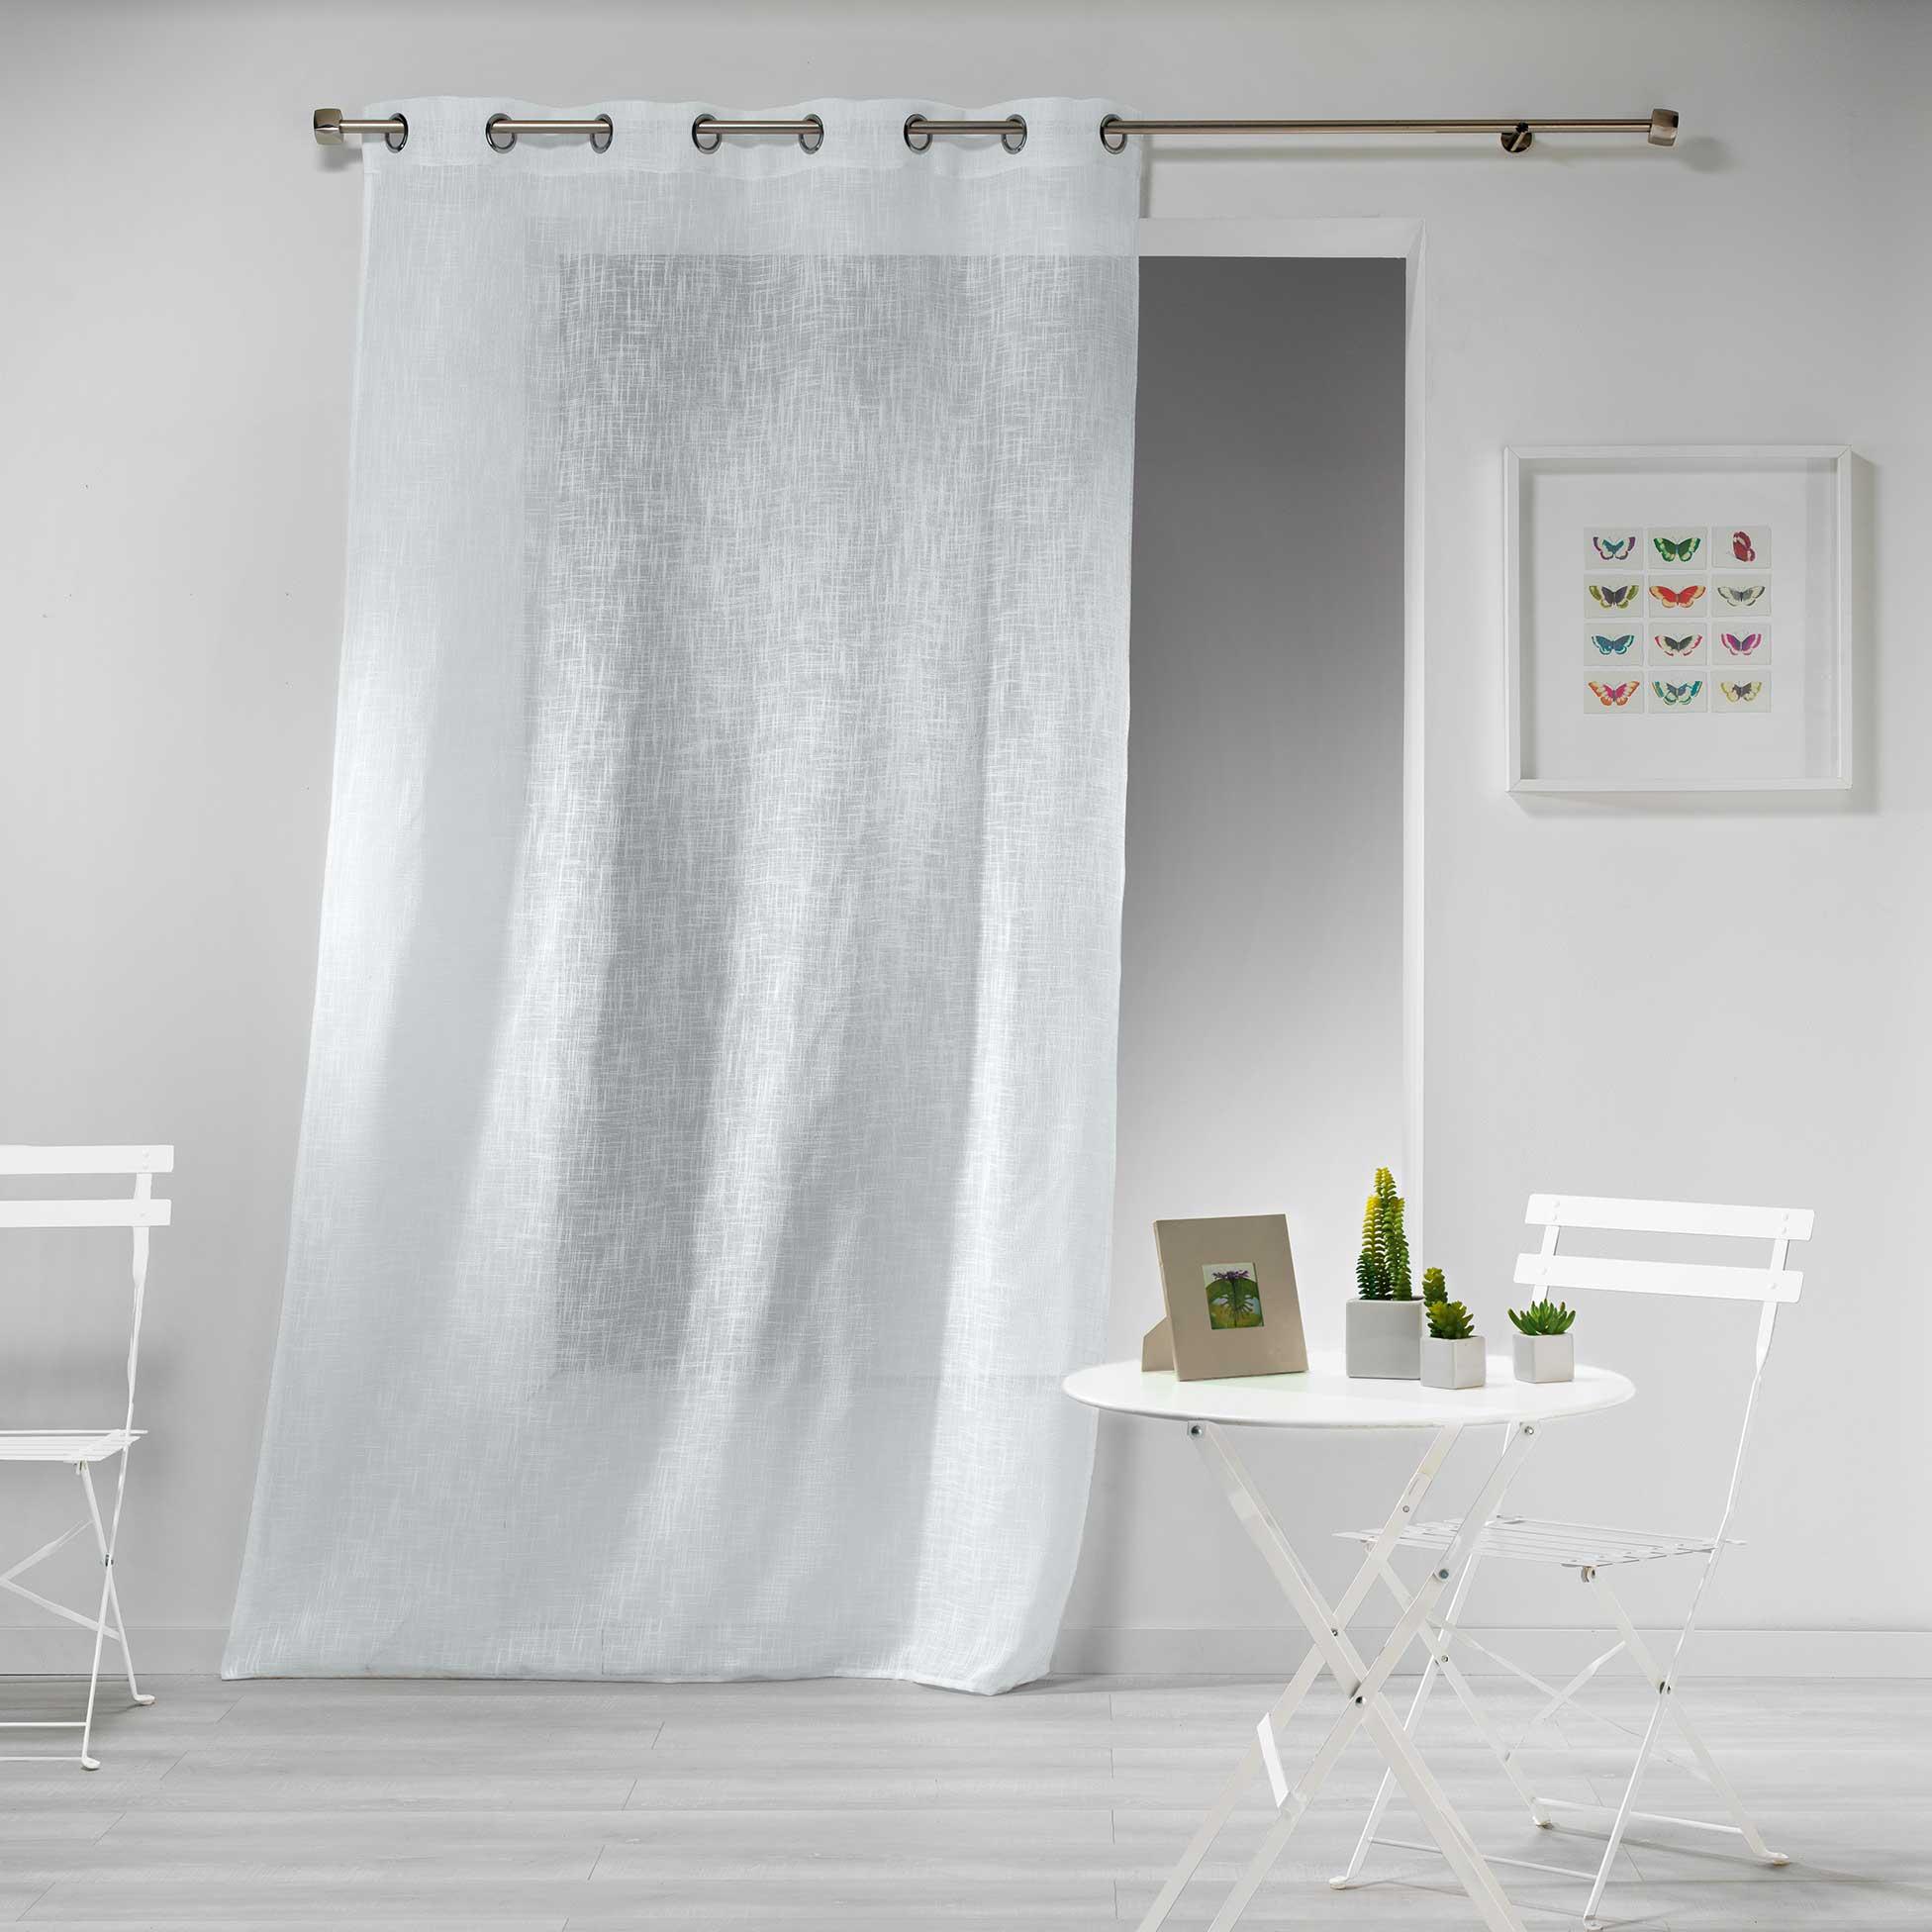 Transparent Eyelet Curtain Gaya, White